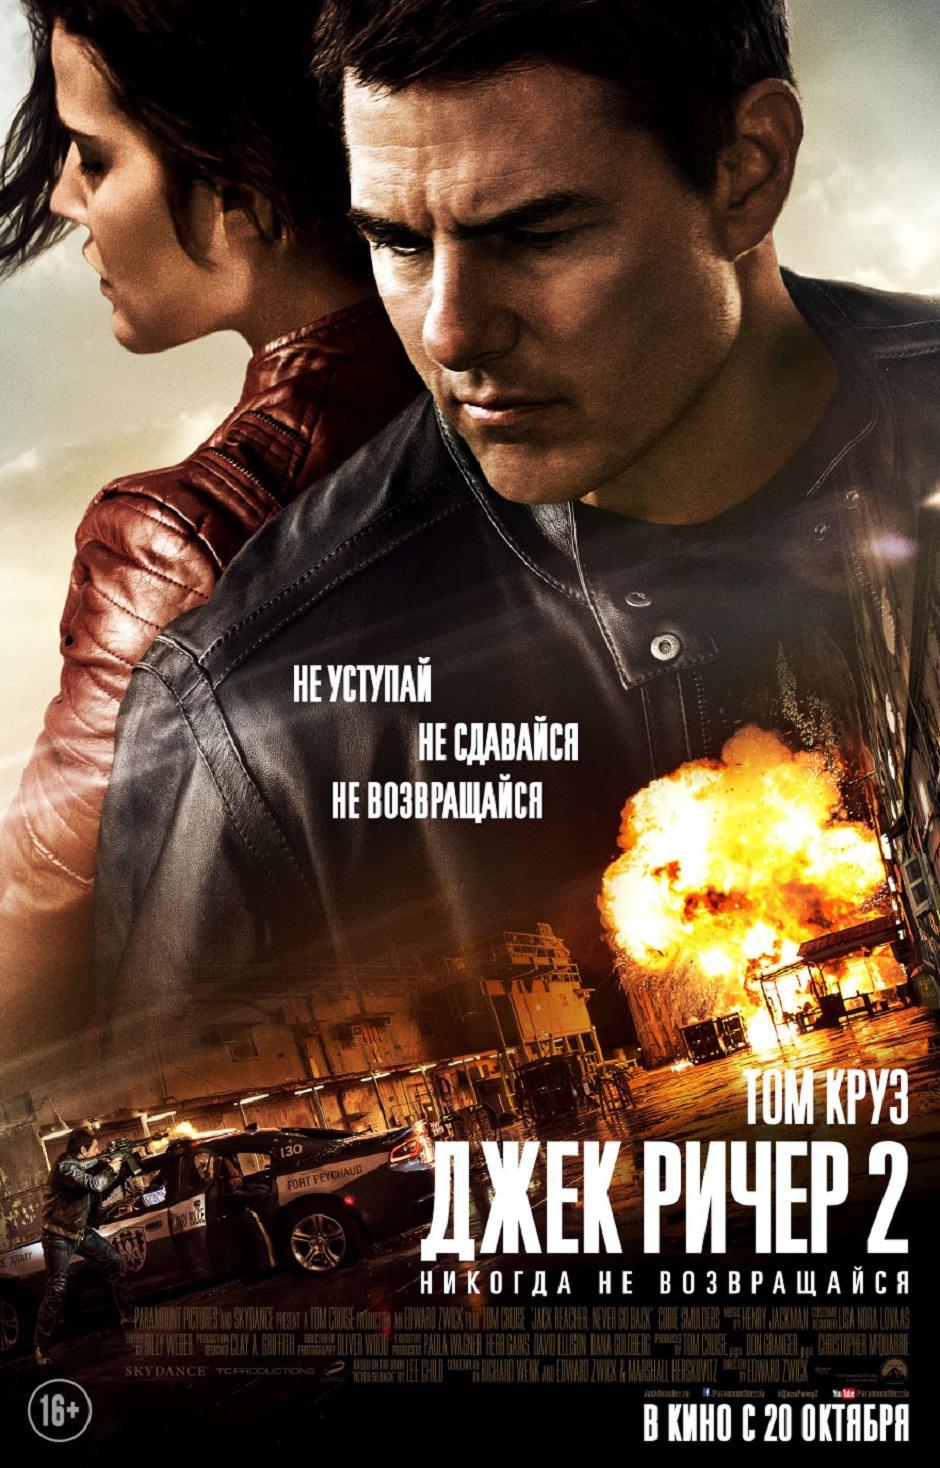 «Джек Ричер 2: Никогда не возвращайся» (Jack Reacher: Never Go Back)